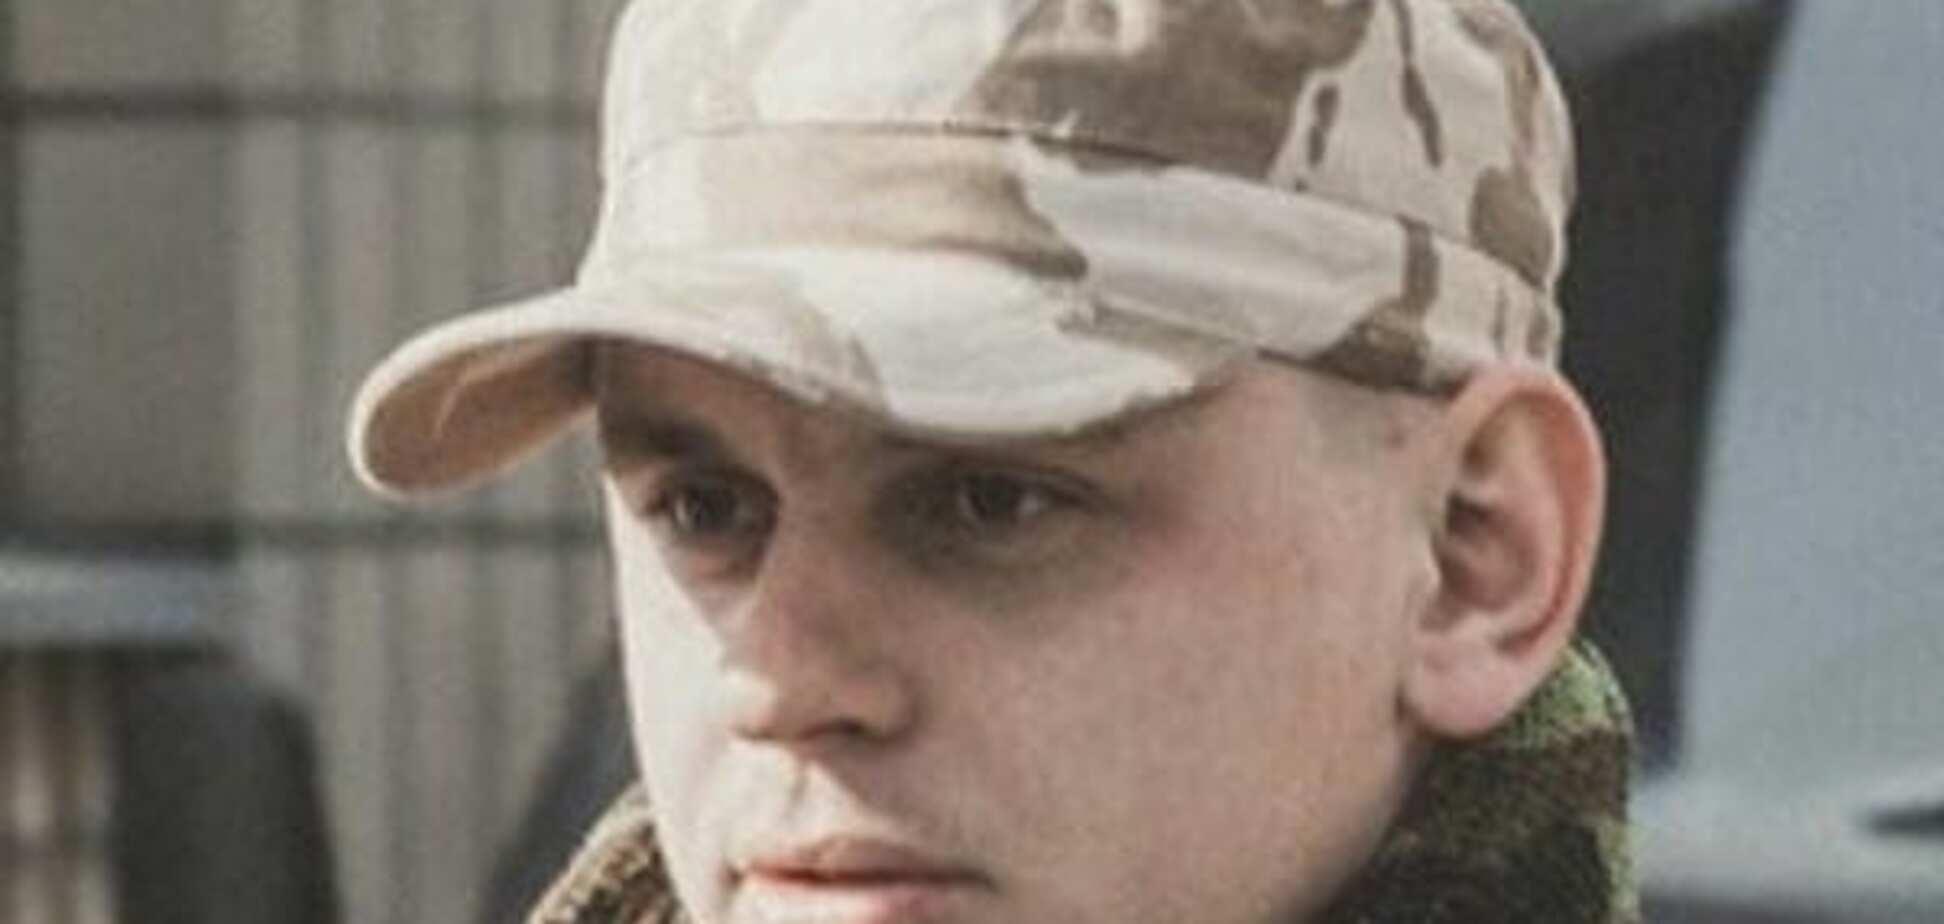 Пришли на помощь и задействовали беспилотник: военные рассказали, как уничтожили БМП террористов